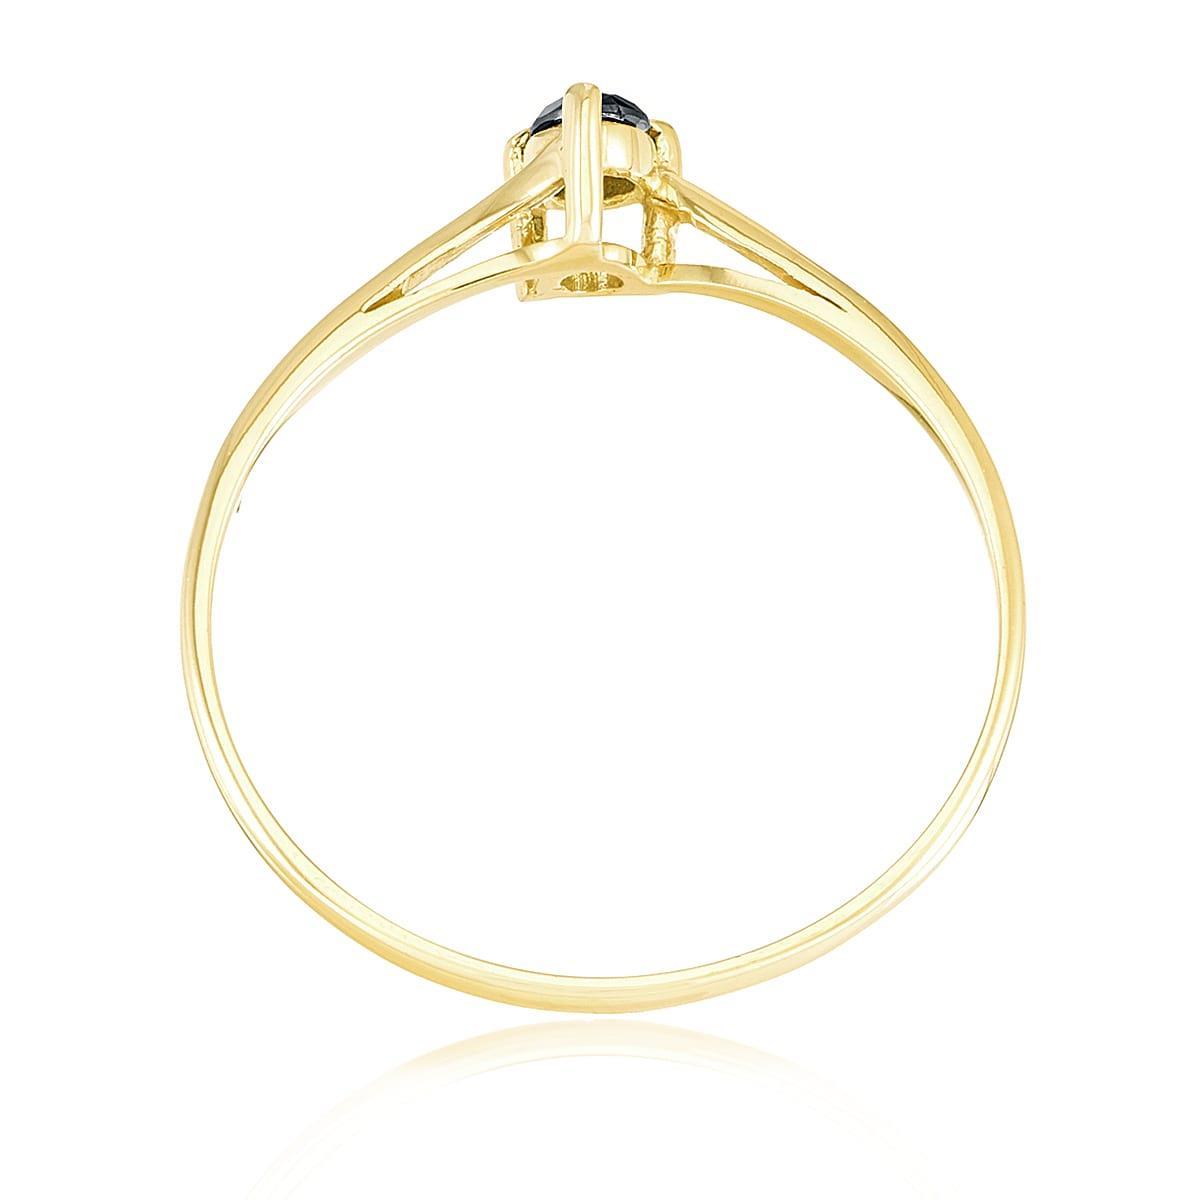 Anel de Ouro Solitário com 3 Garras e Diamante Negro com 12 Pts   Joias Vip b8841e4ce1